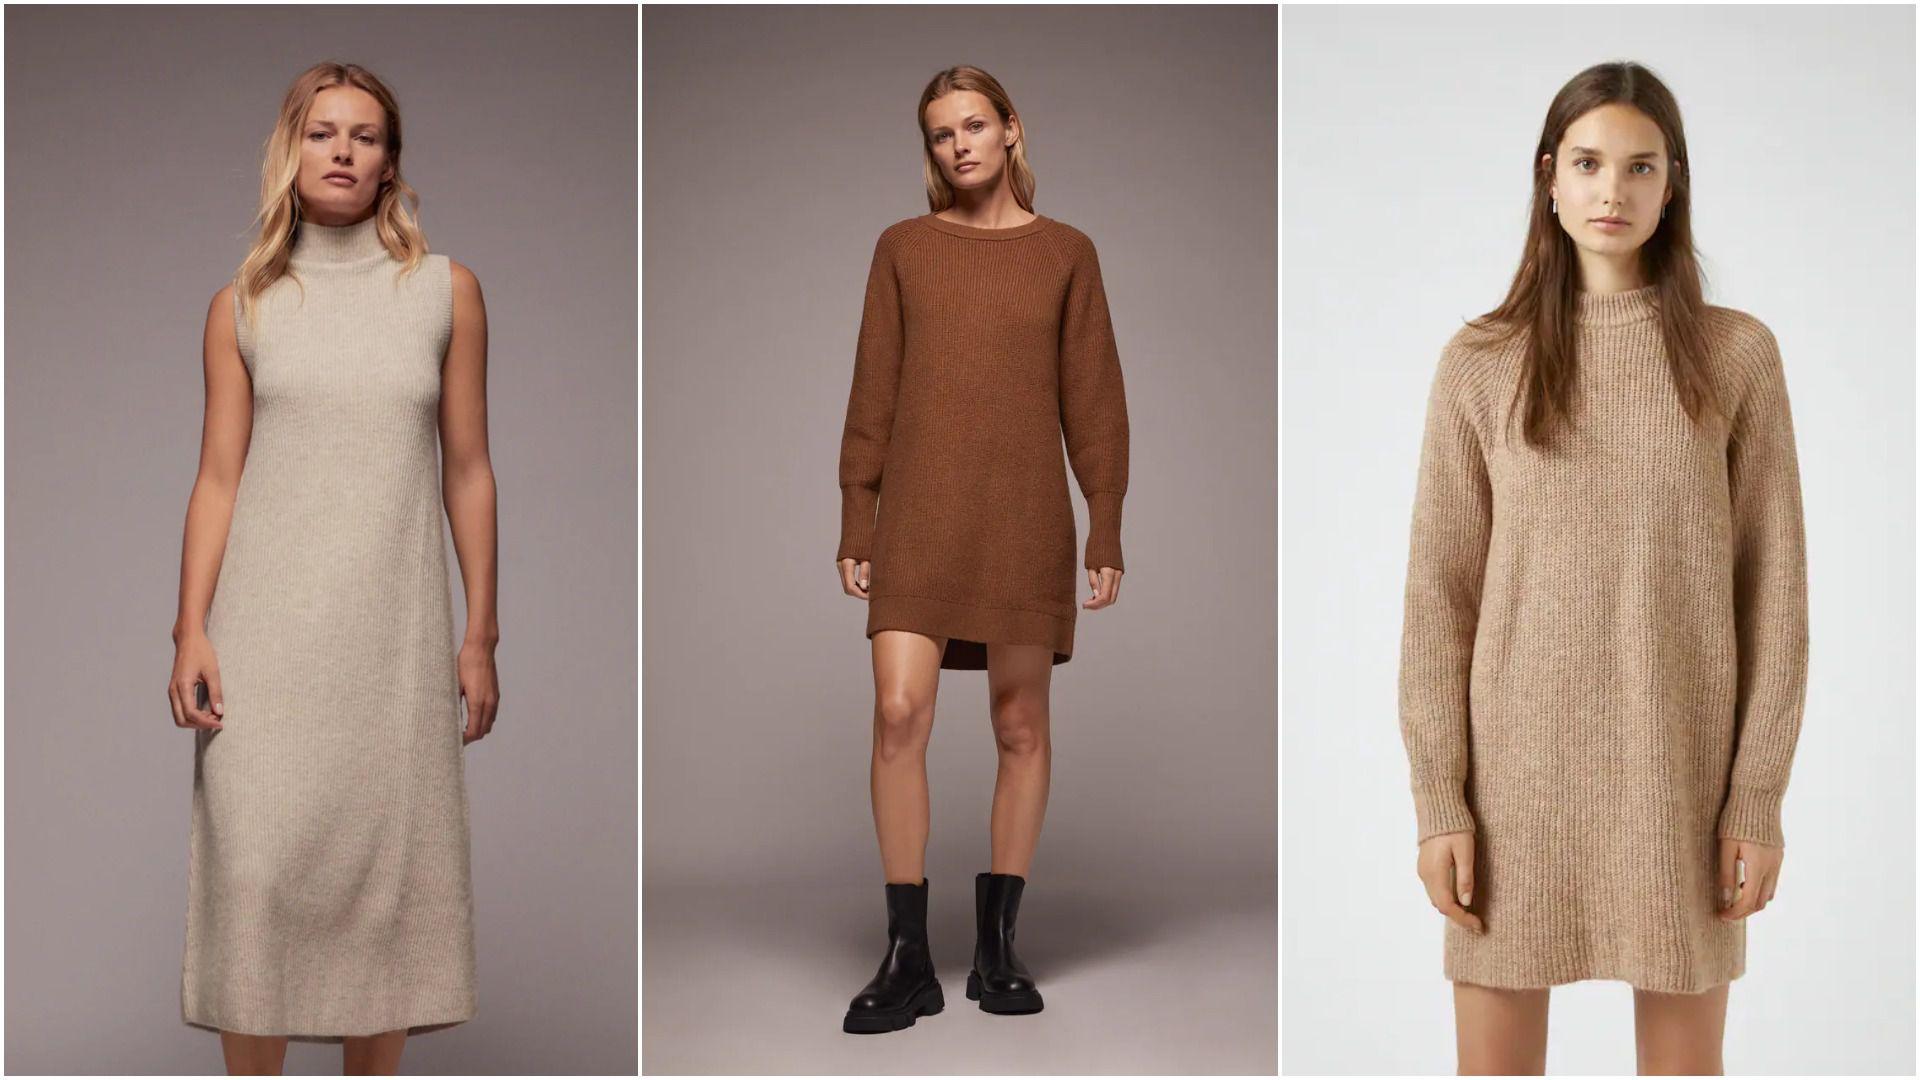 Pletena haljina najpopularniji je model kojeg možete odabrati za ovu jesen; izabrali smo najbolje od 149,90 kn